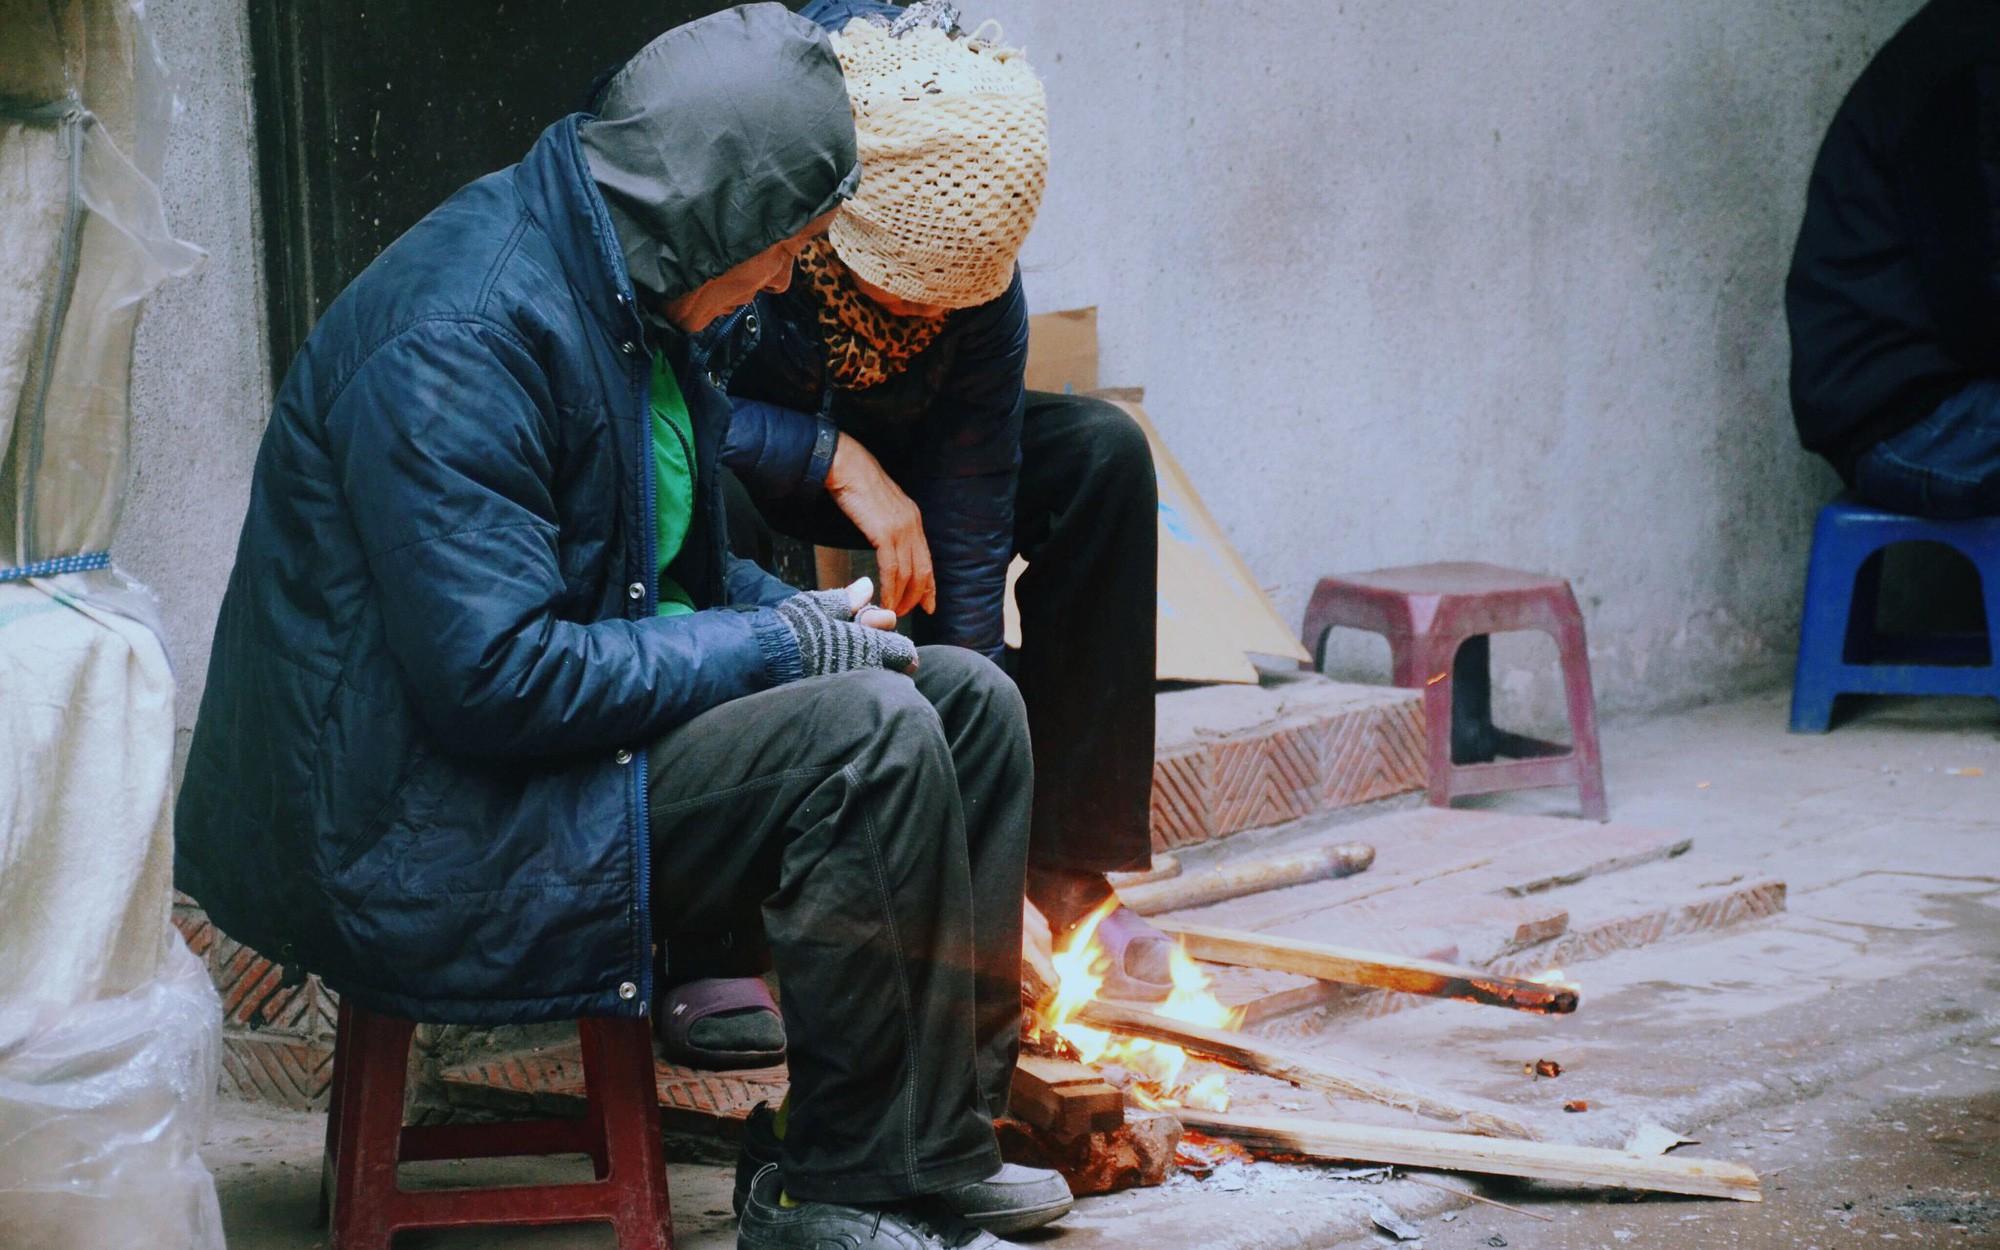 Rét đậm rét hại bao trùm Hà Nội, người dân chật vật đi làm trong mưa lạnh buốt với nền nhiệt chỉ còn 10 độ C